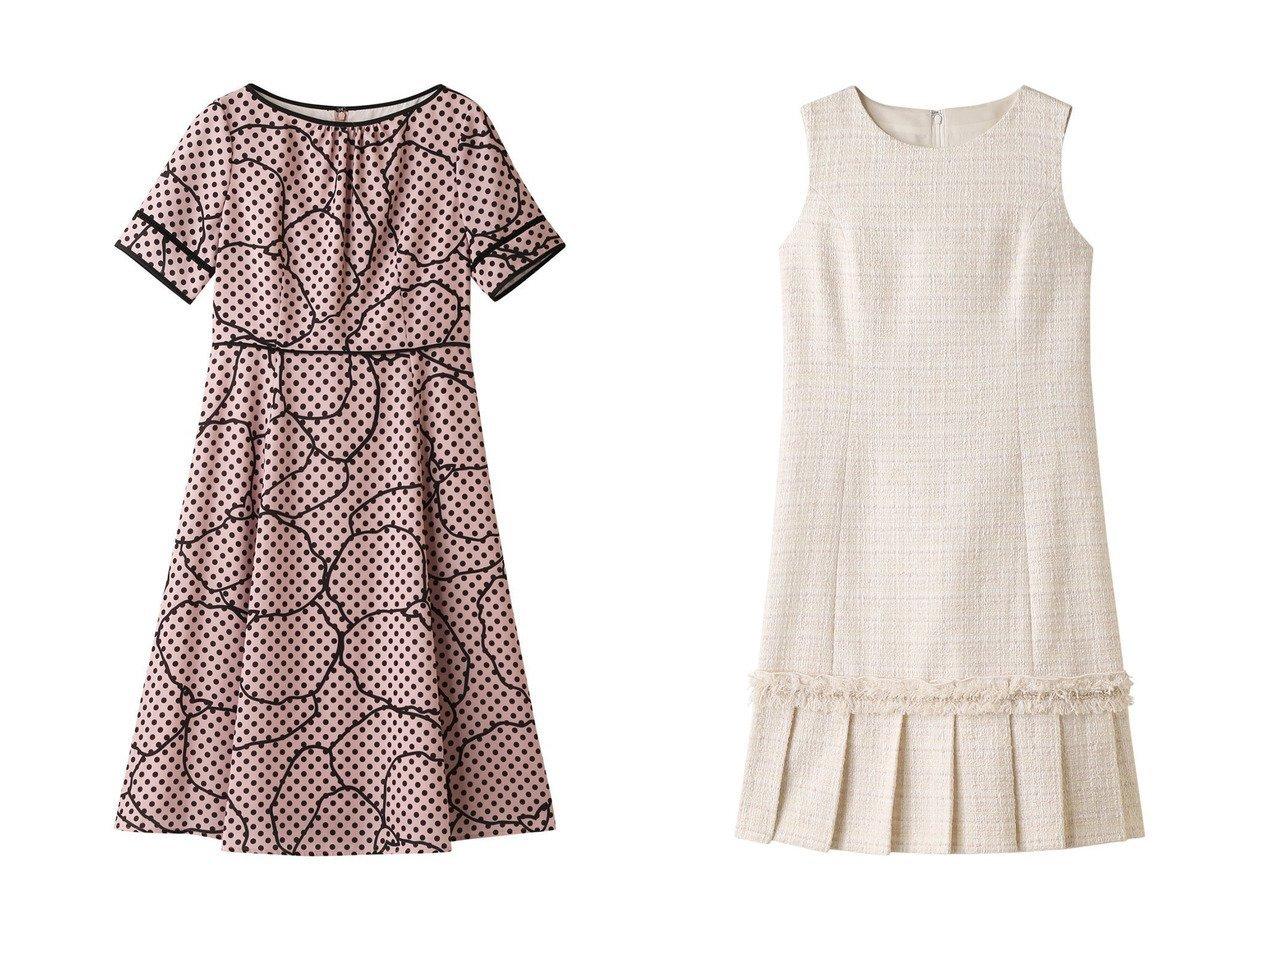 【ANAYI/アナイ】のドットラインフラワーPTフレアワンピース&リボンヤーンツイードAラインワンピース ワンピース・ドレスのおすすめ!人気、トレンド・レディースファッションの通販 おすすめで人気の流行・トレンド、ファッションの通販商品 メンズファッション・キッズファッション・インテリア・家具・レディースファッション・服の通販 founy(ファニー) https://founy.com/ ファッション Fashion レディースファッション WOMEN ワンピース Dress Aラインワンピース A-line Dress フリンジ プリーツ ロング 再入荷 Restock/Back in Stock/Re Arrival |ID:crp329100000013083